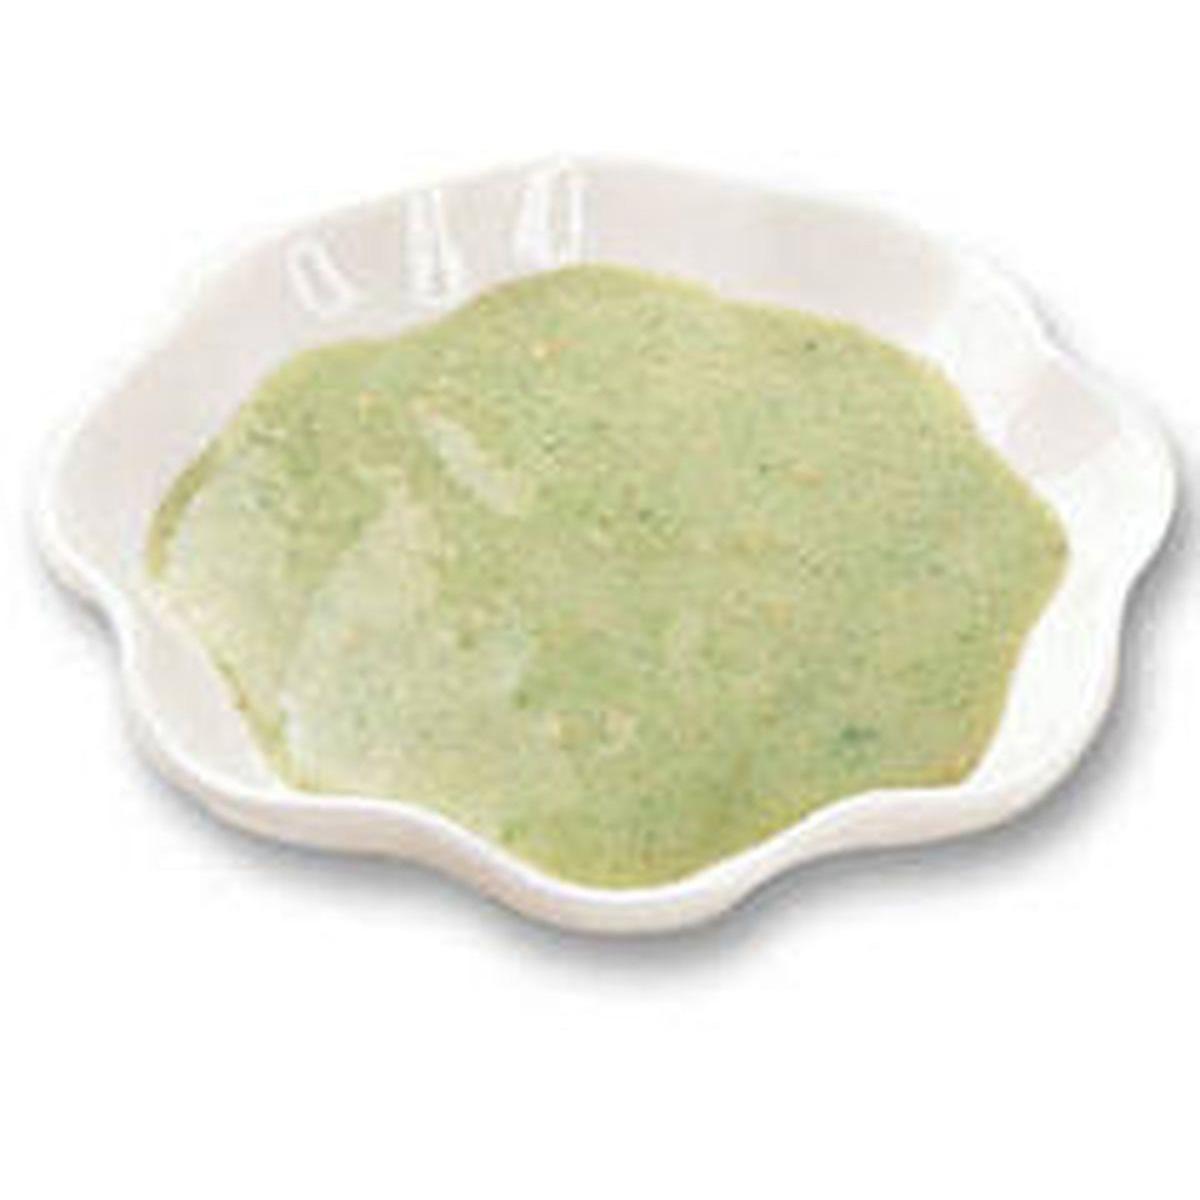 食譜:翡翠奶油醬